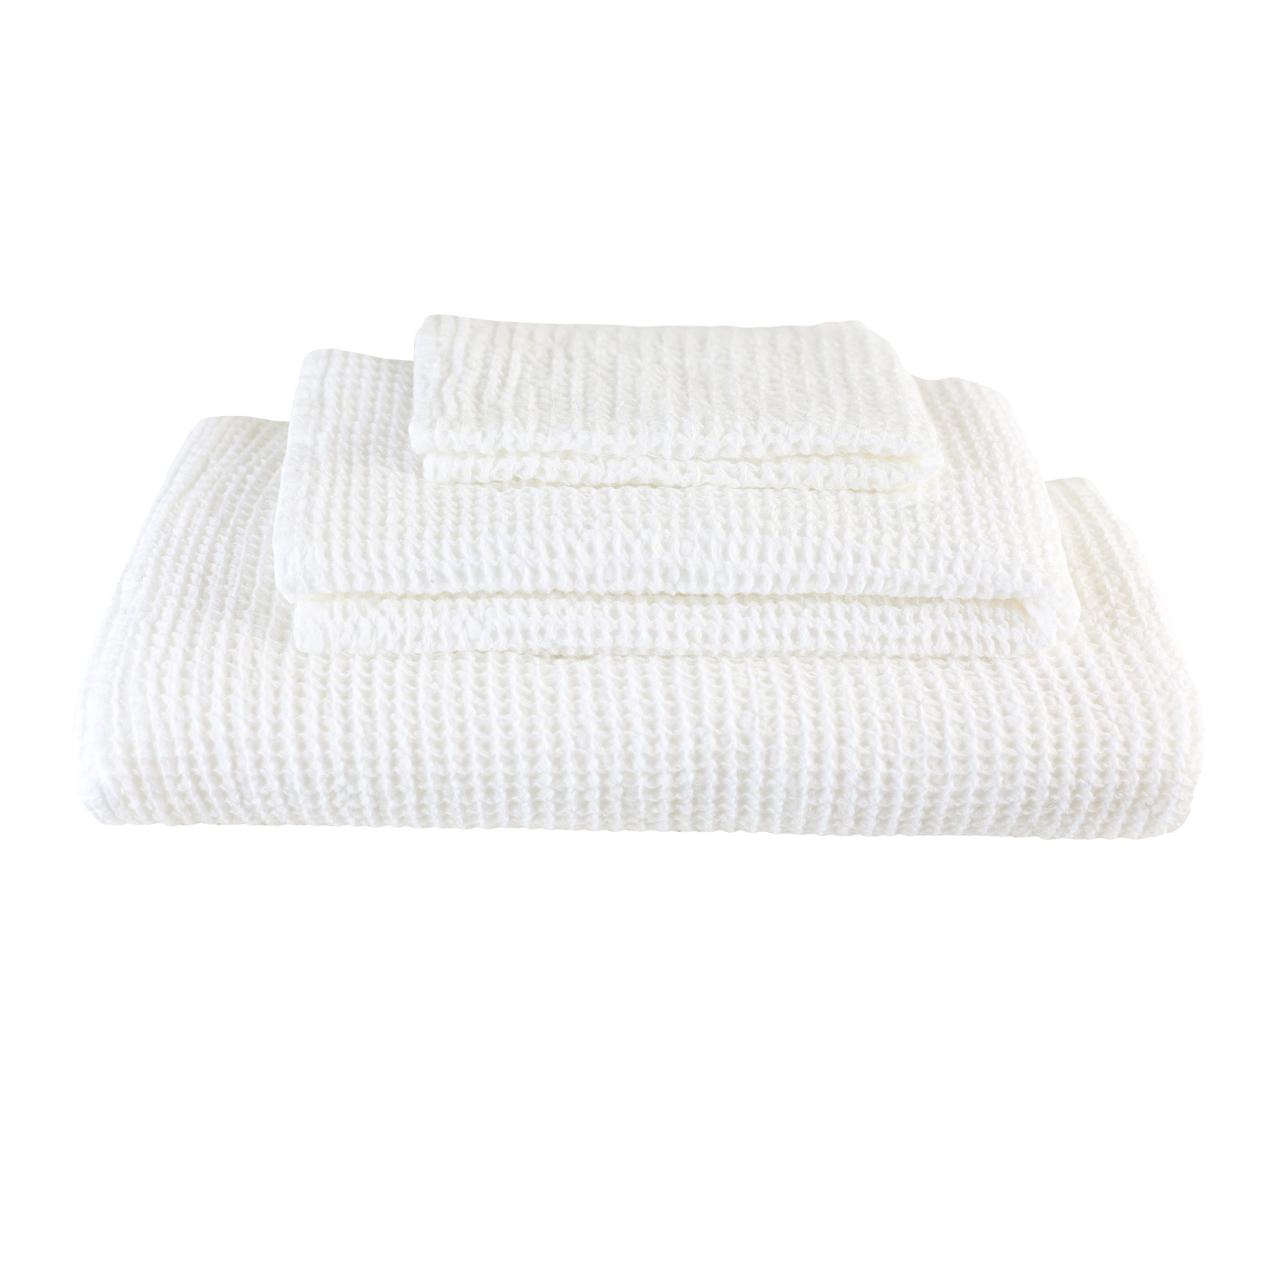 Numero 74 Towel Set White